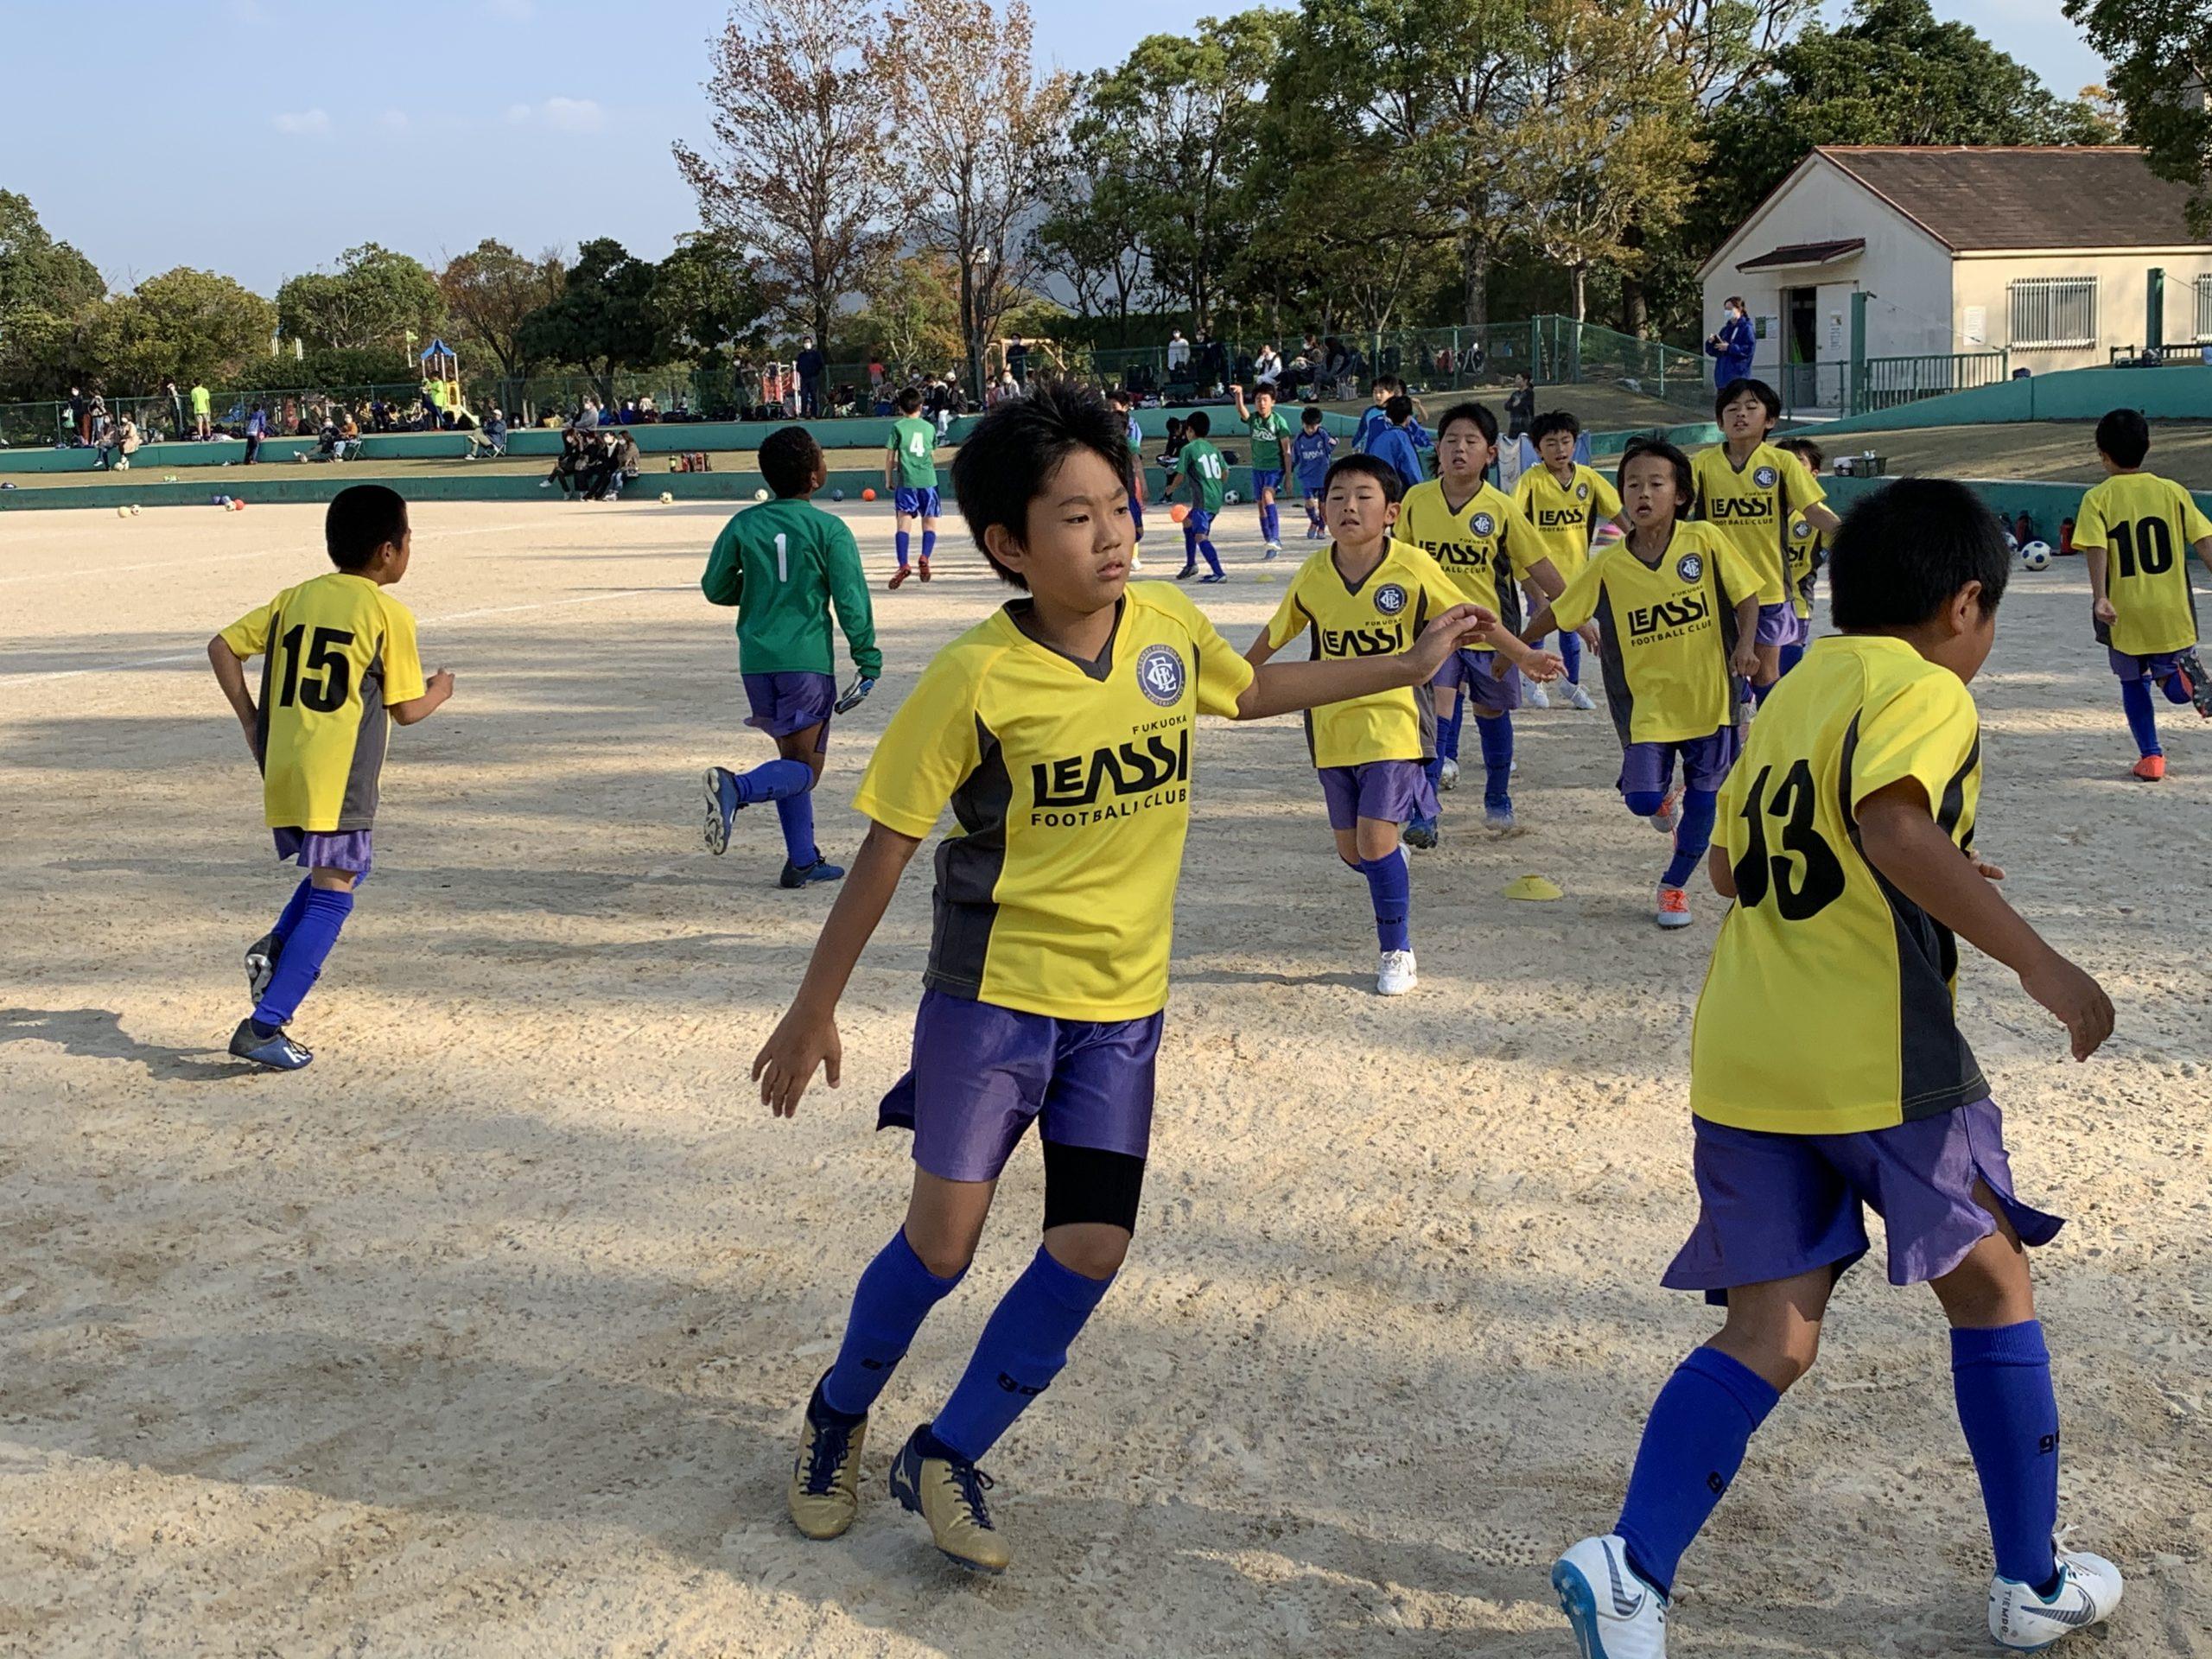 U10 2nd TRM vs有田 「練習と試合をつなげることが大切」